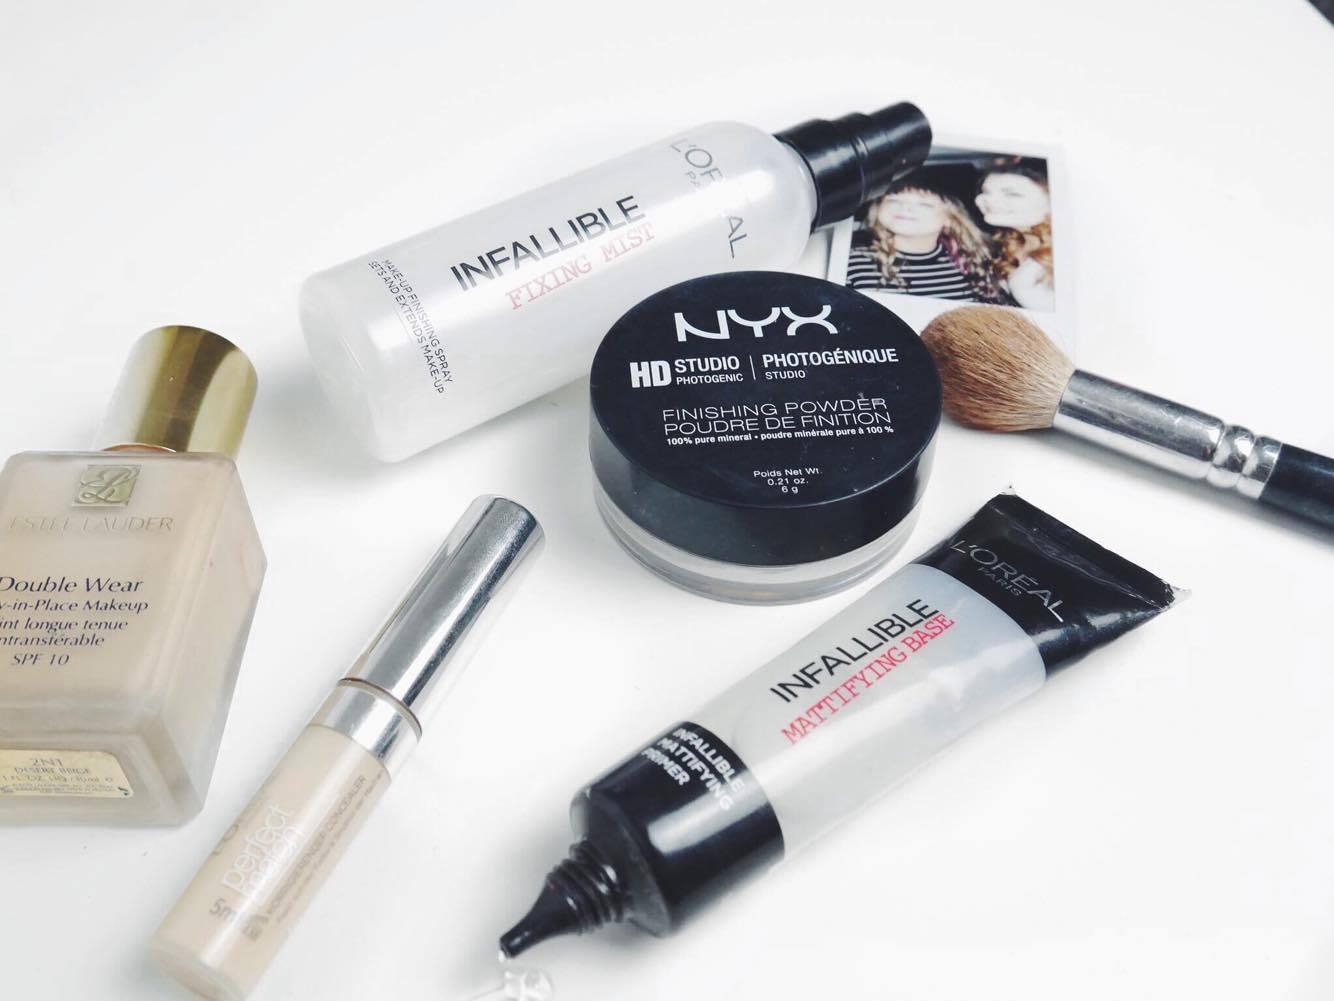 Loreal Makeup, Estee Lauder